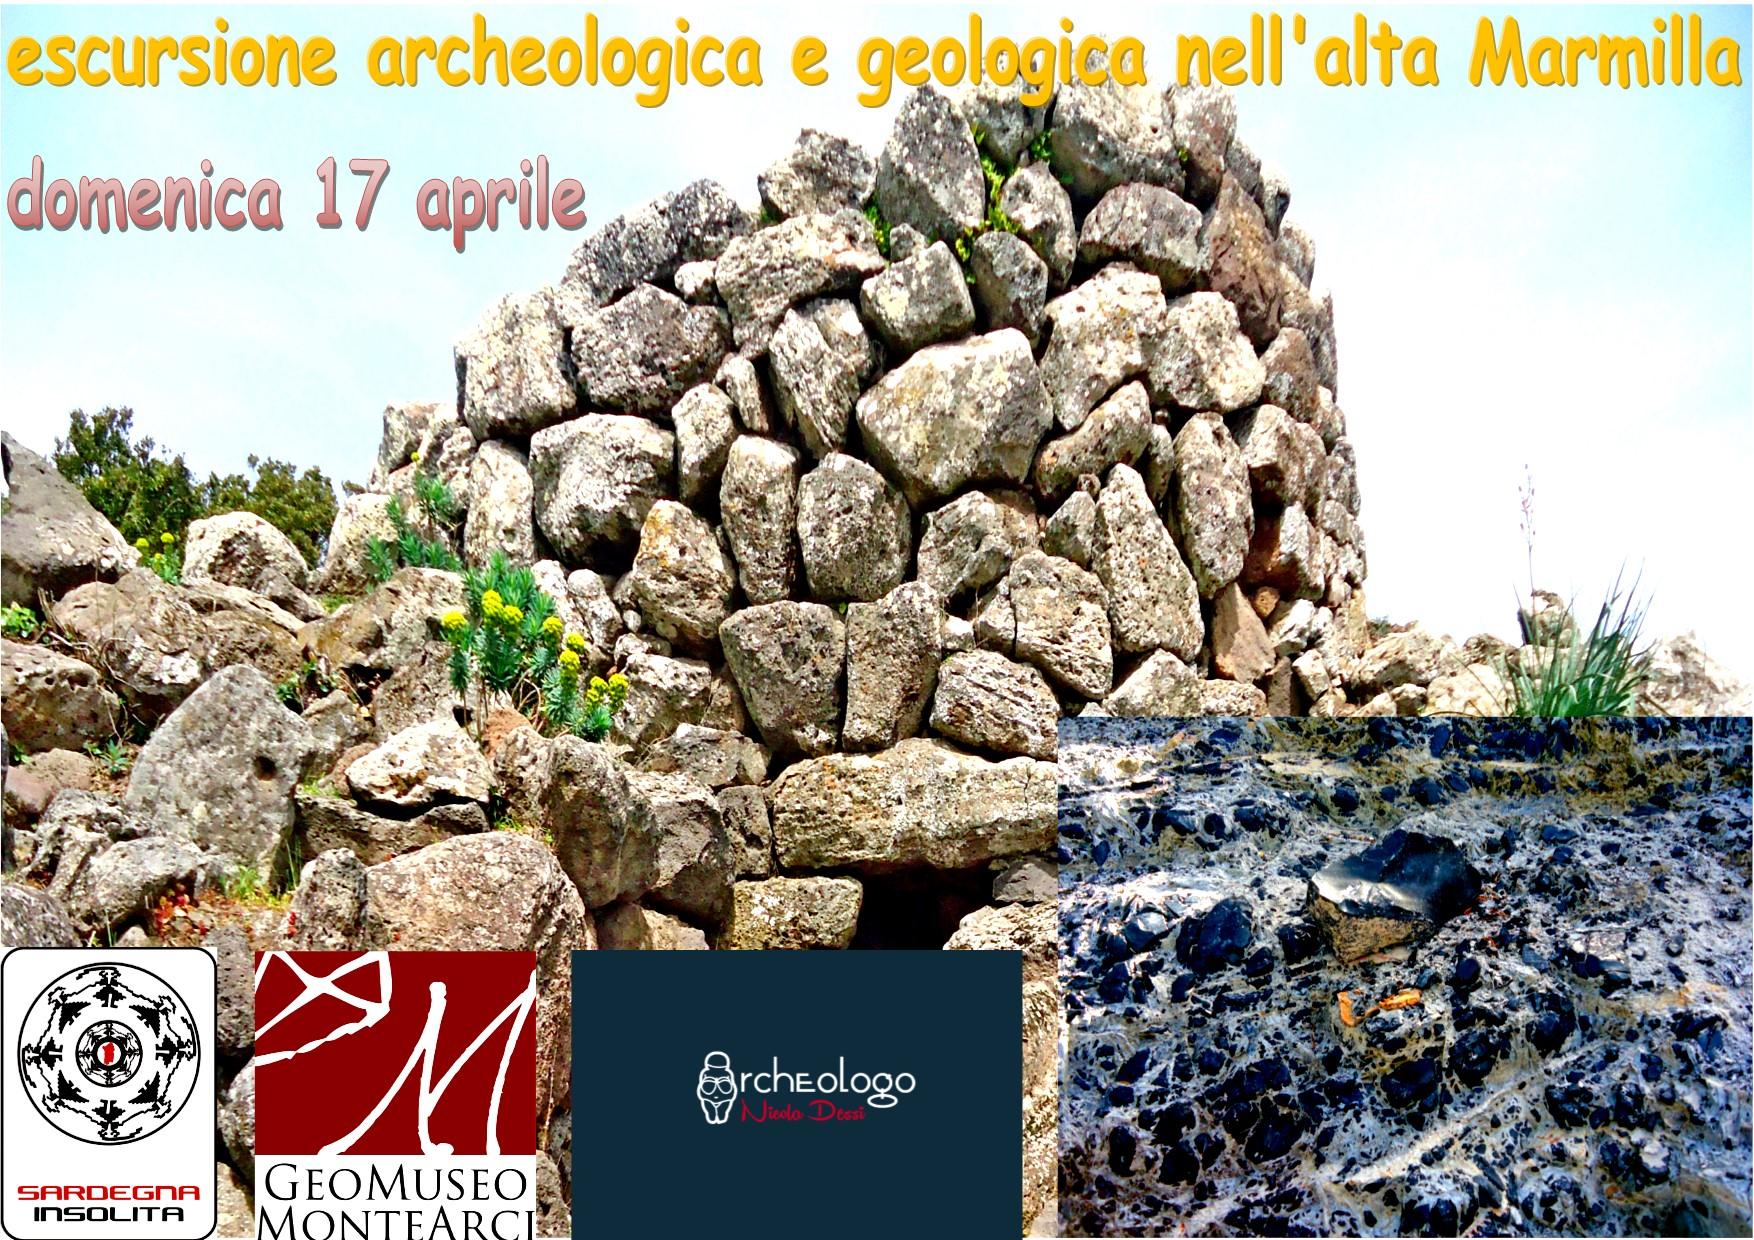 Escursione archeologica e geologica in alta Marmilla partecipa anche tu Domenica 17 aprile 2016.